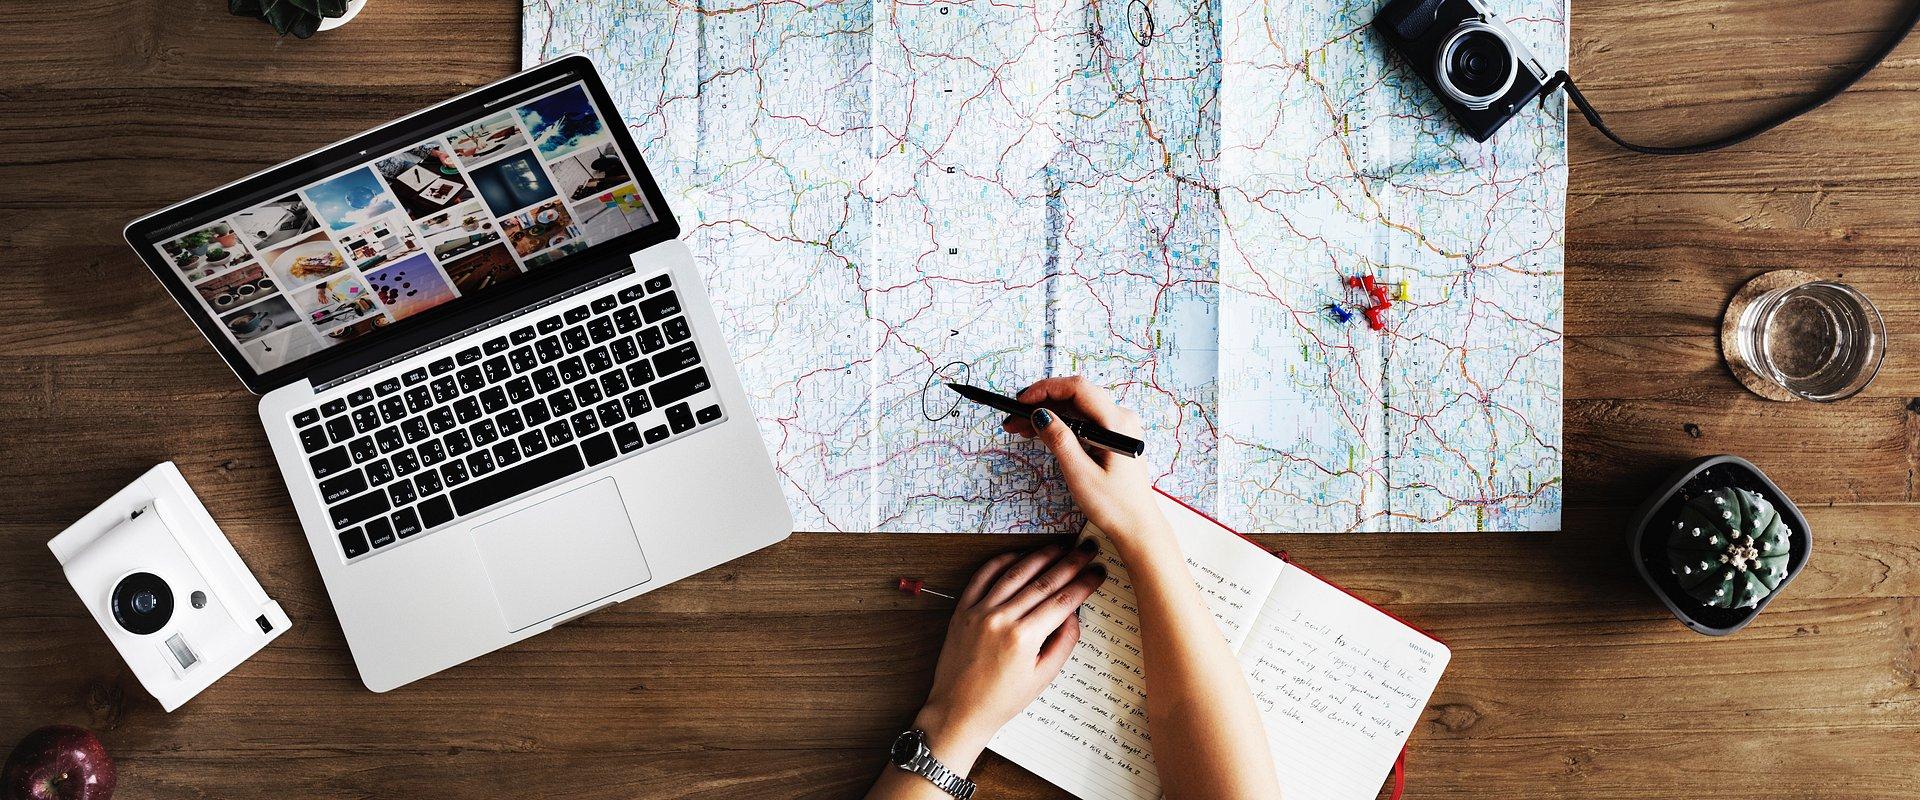 Szykujesz się na urlop? Sprawdź, o czym musisz pamiętać